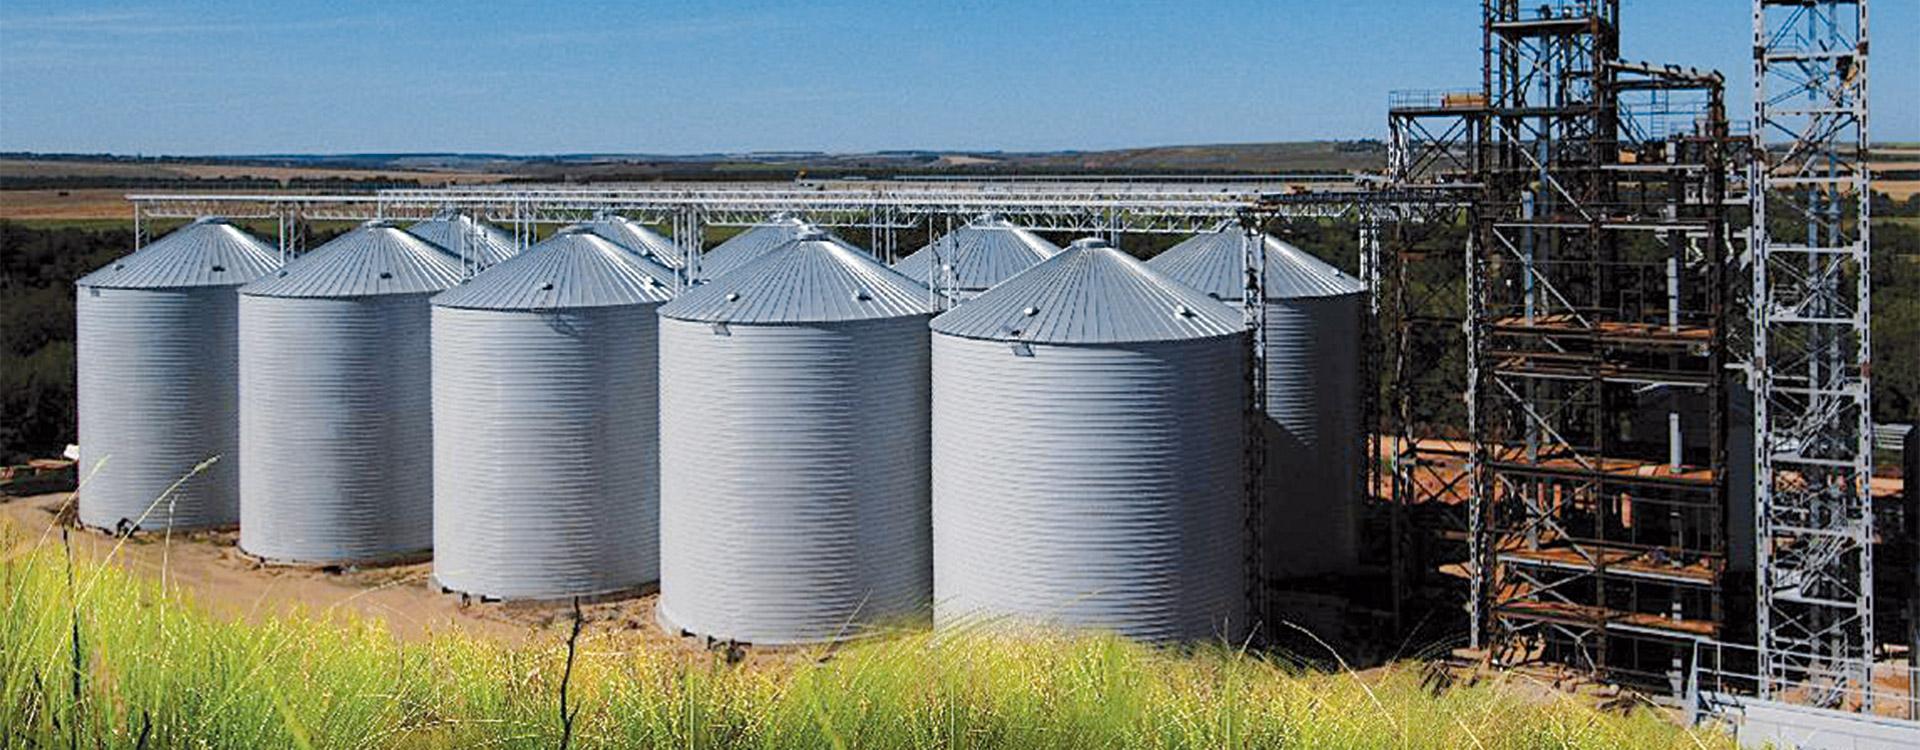 Bulk Storage Industry - Lipp System